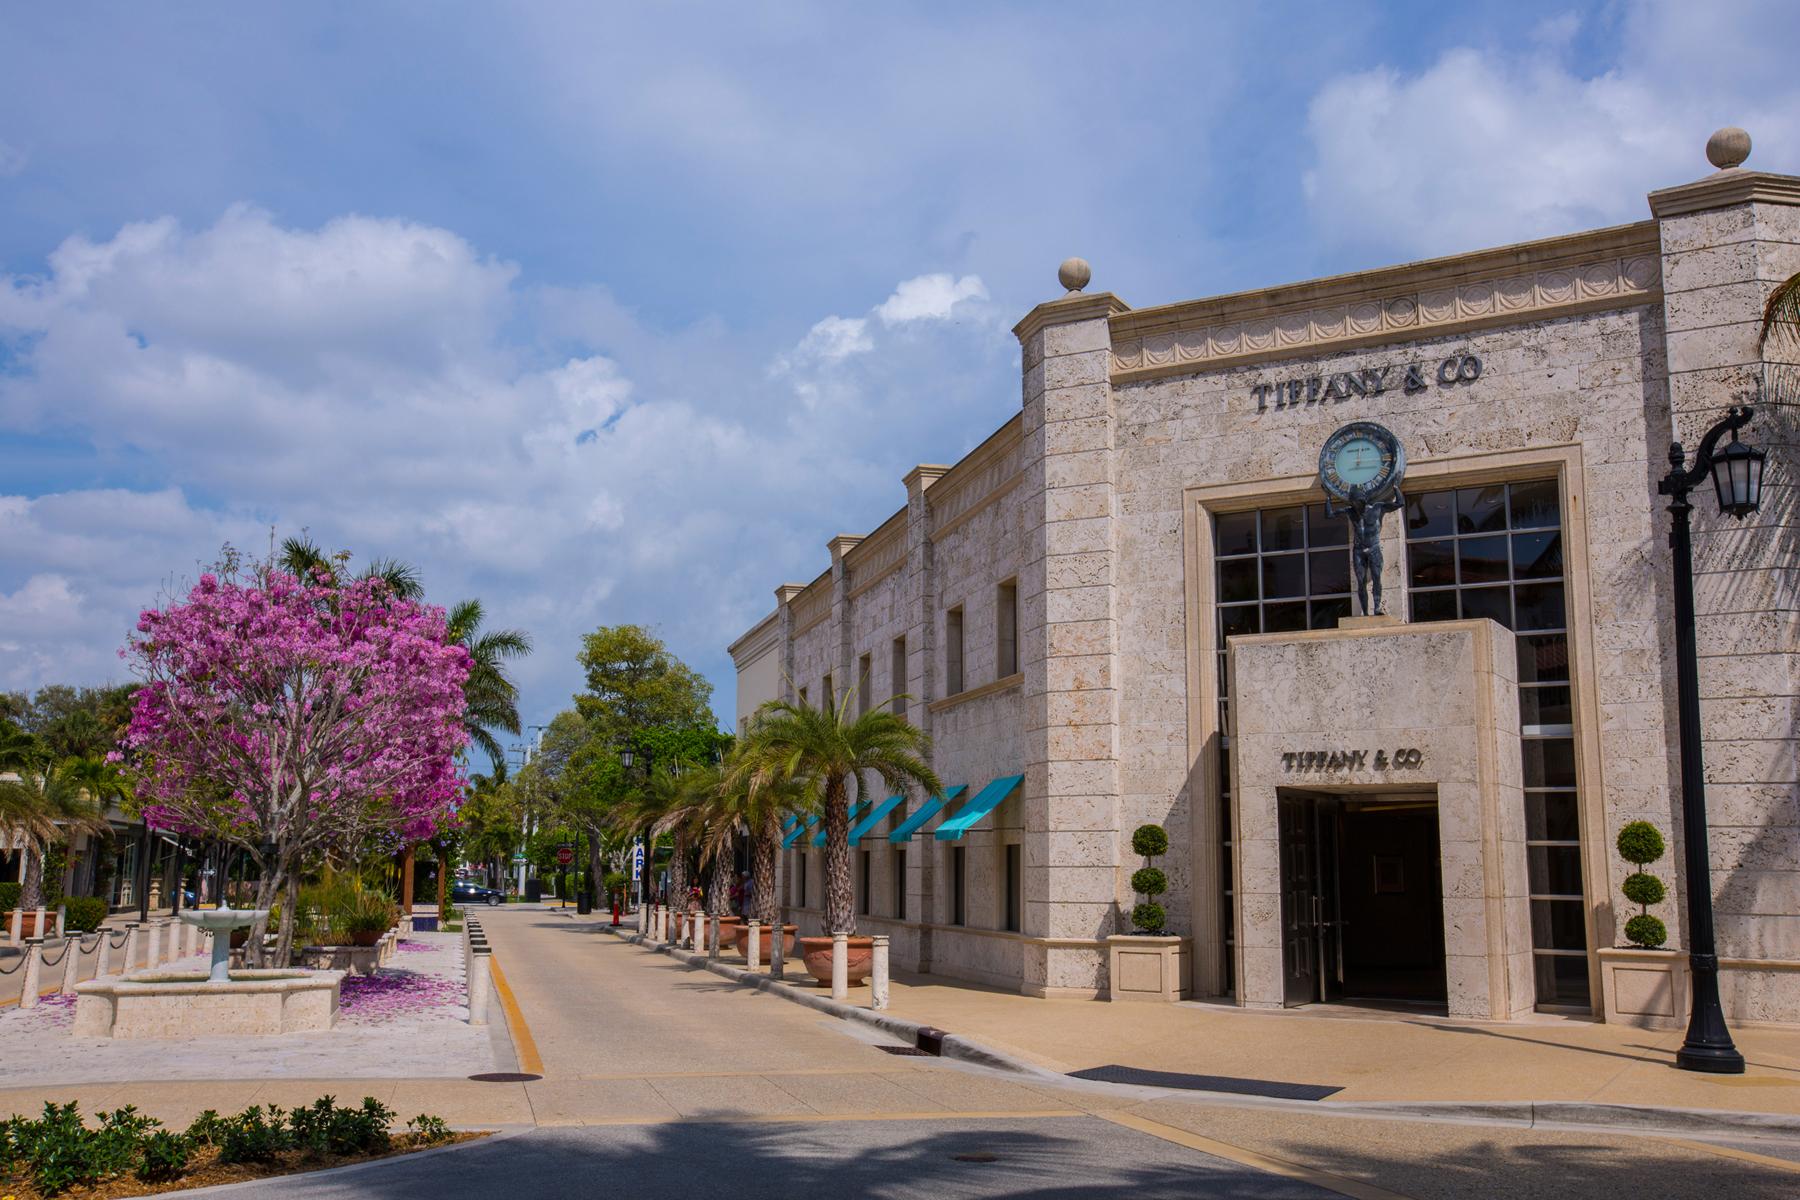 Guia-FFW-Florida-Palm-Beach-Palm-Beach-Worth-Avenue